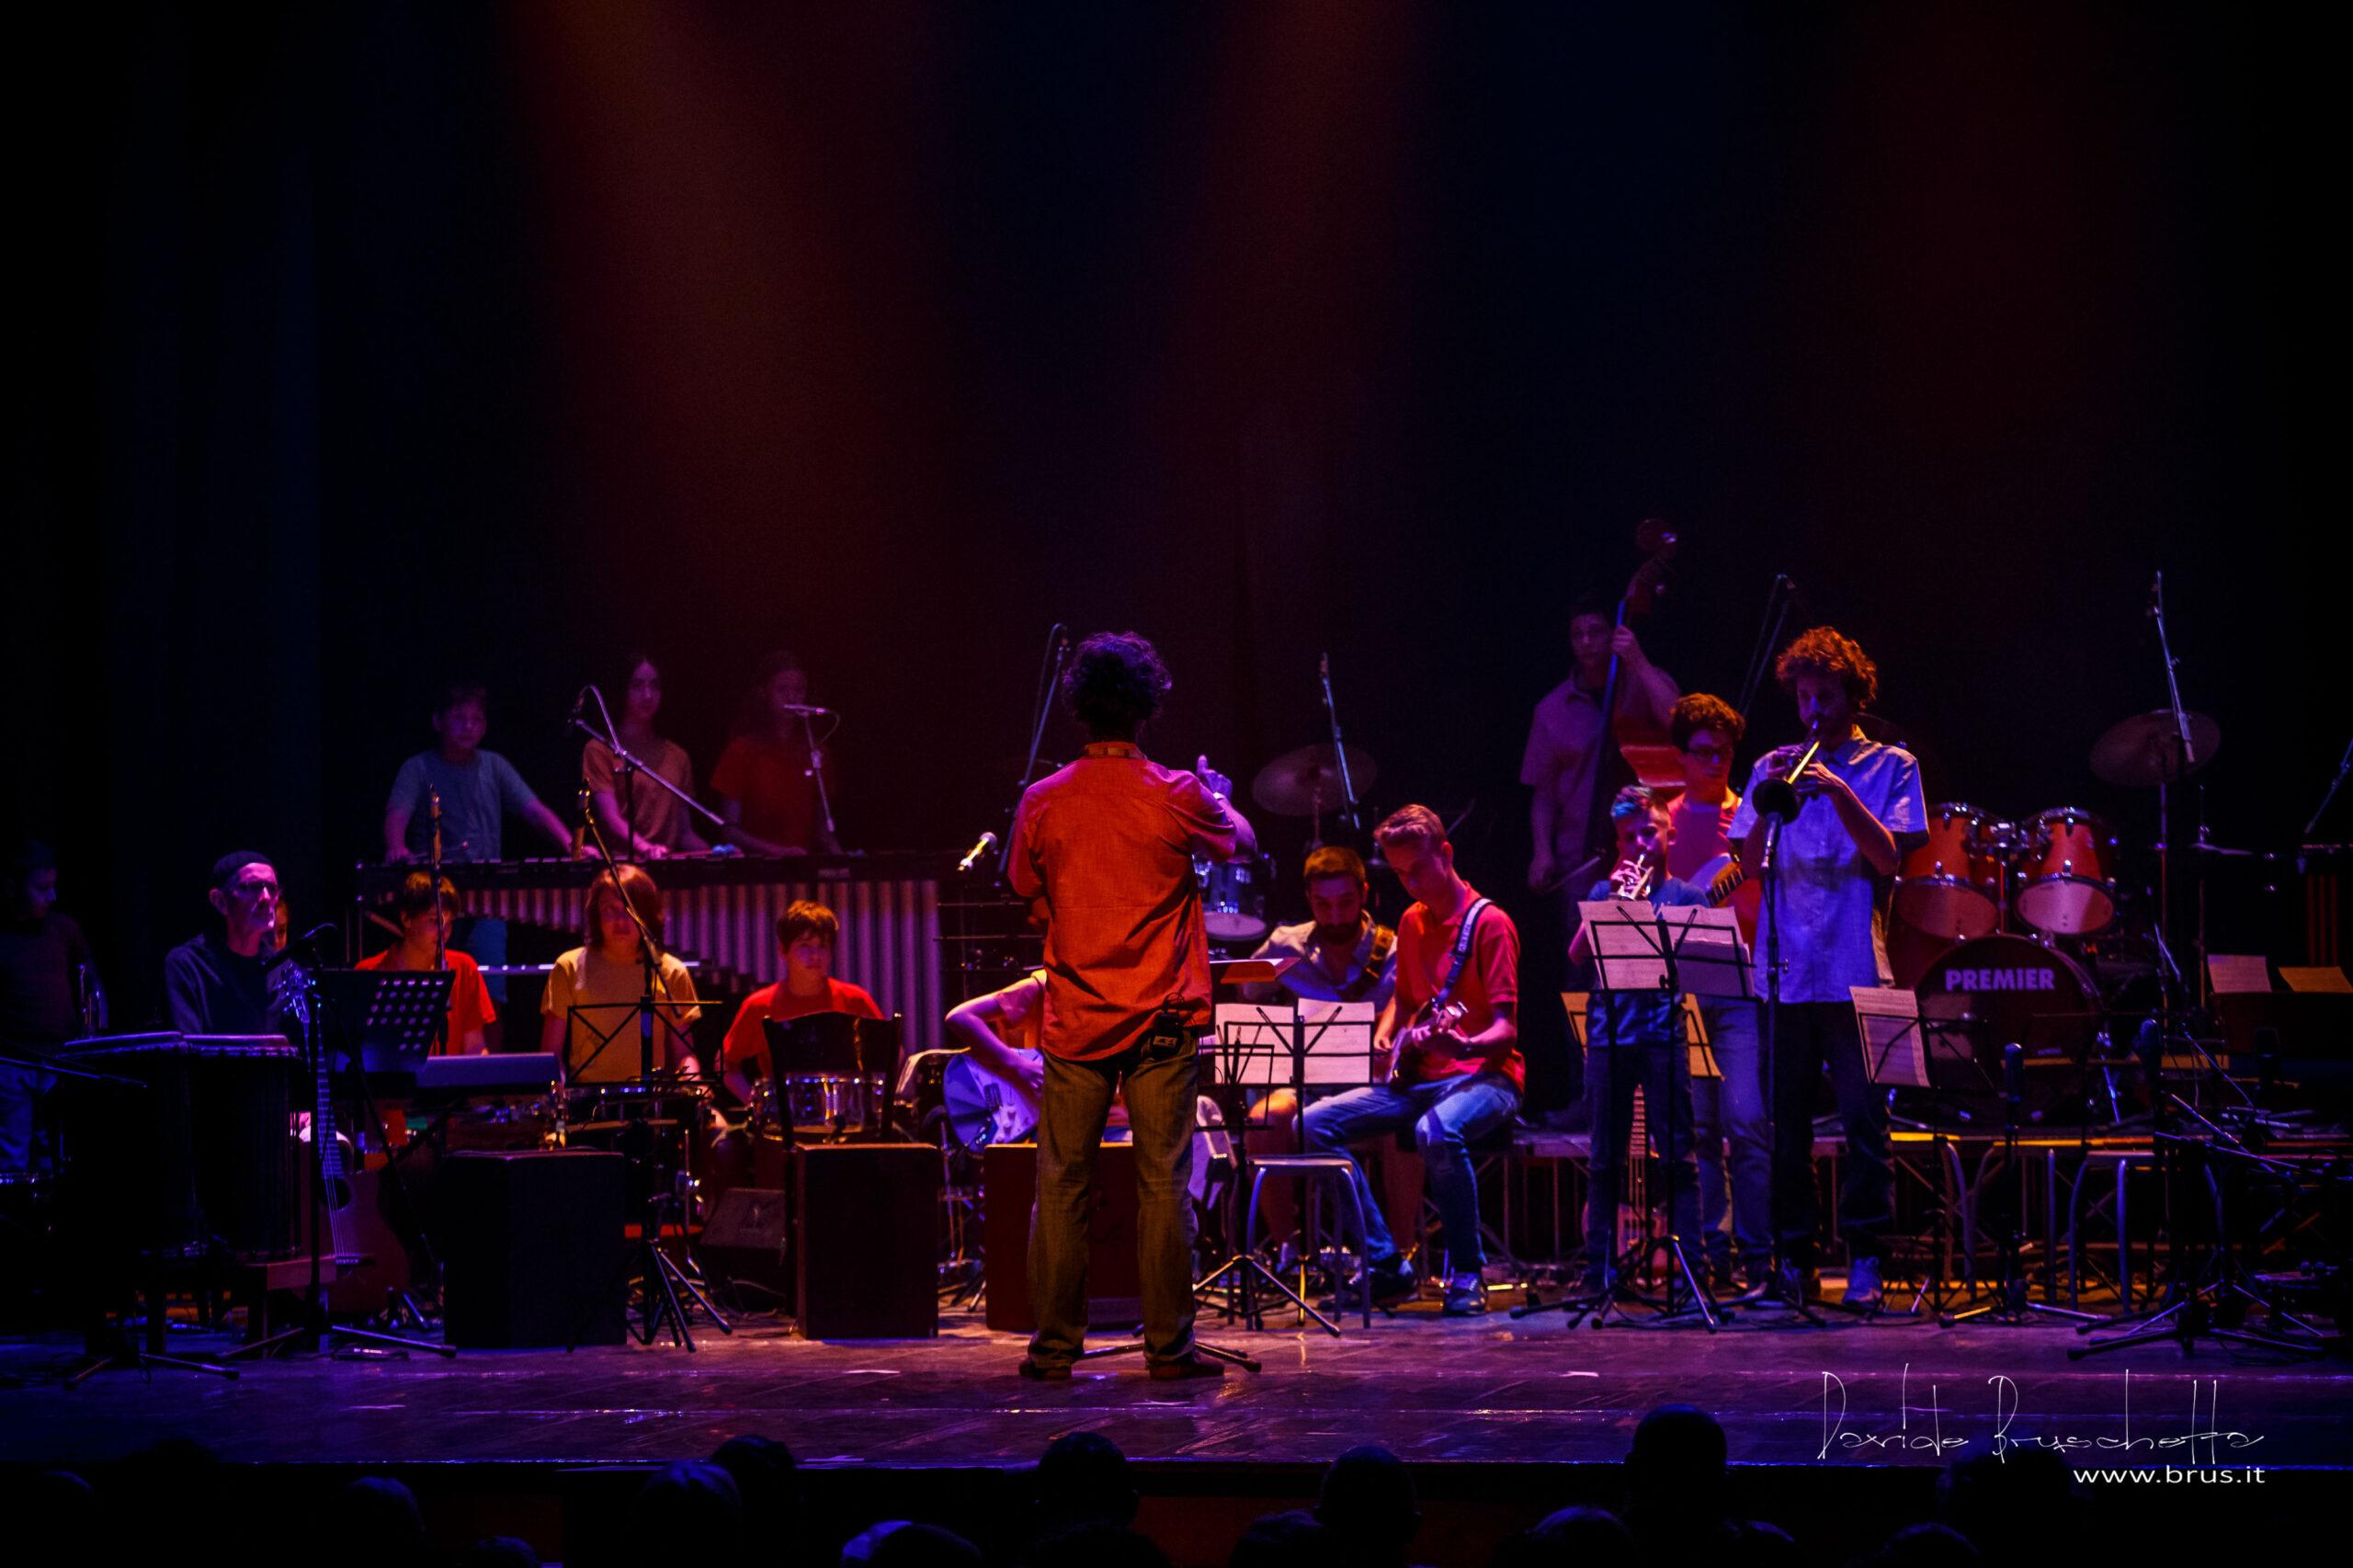 SGMD firma la Convenzione con l'Istituto Musicale Pareggiato della Valle d'Aosta- Conservatoire de la Vallée d'Aoste